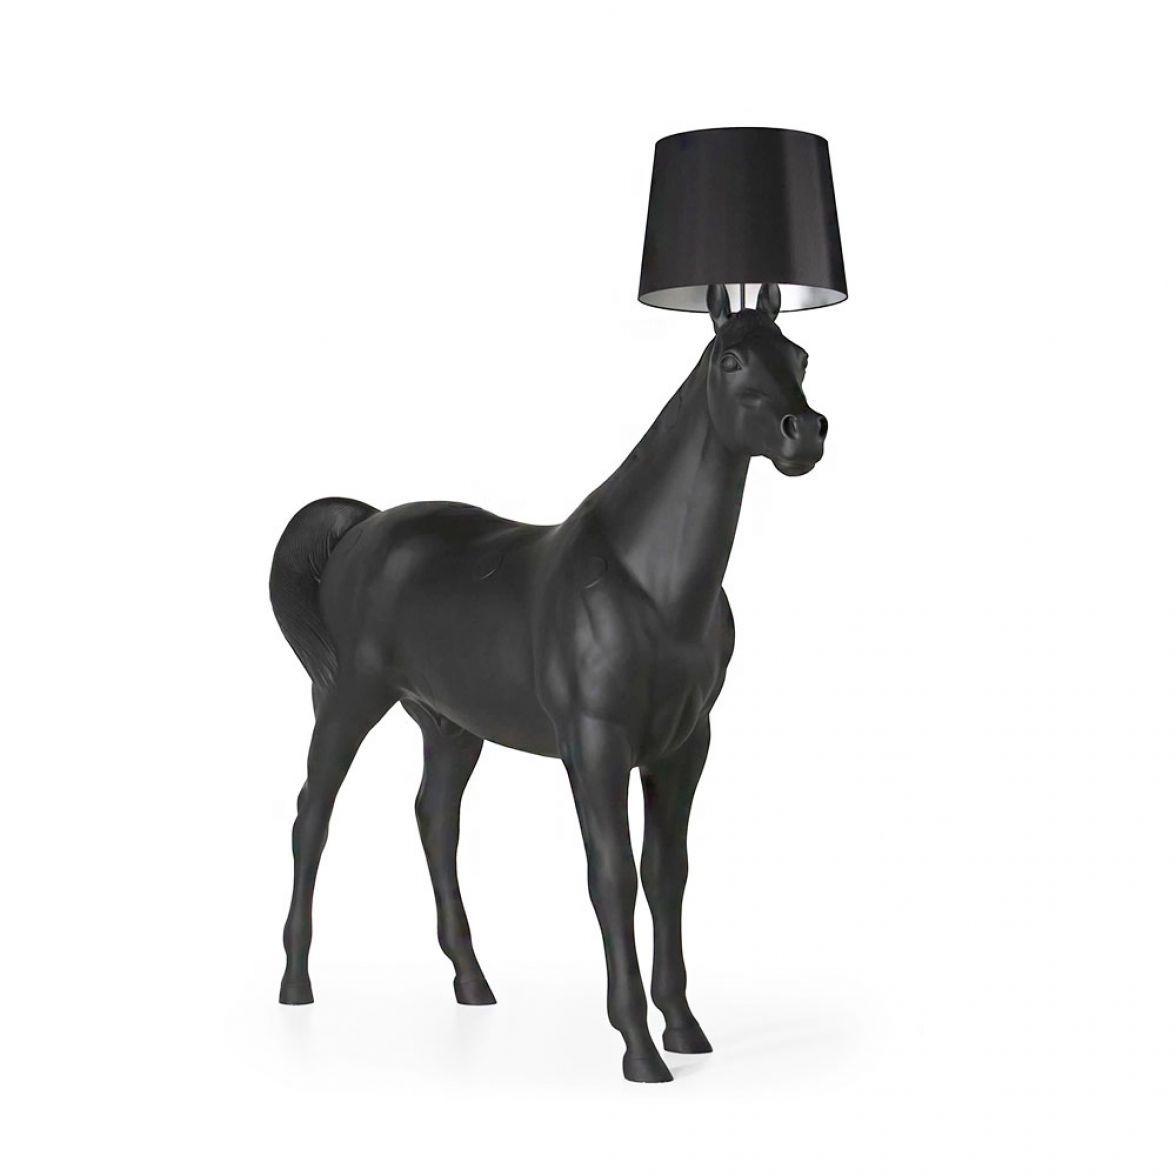 Напольный светильник Horse фото цена